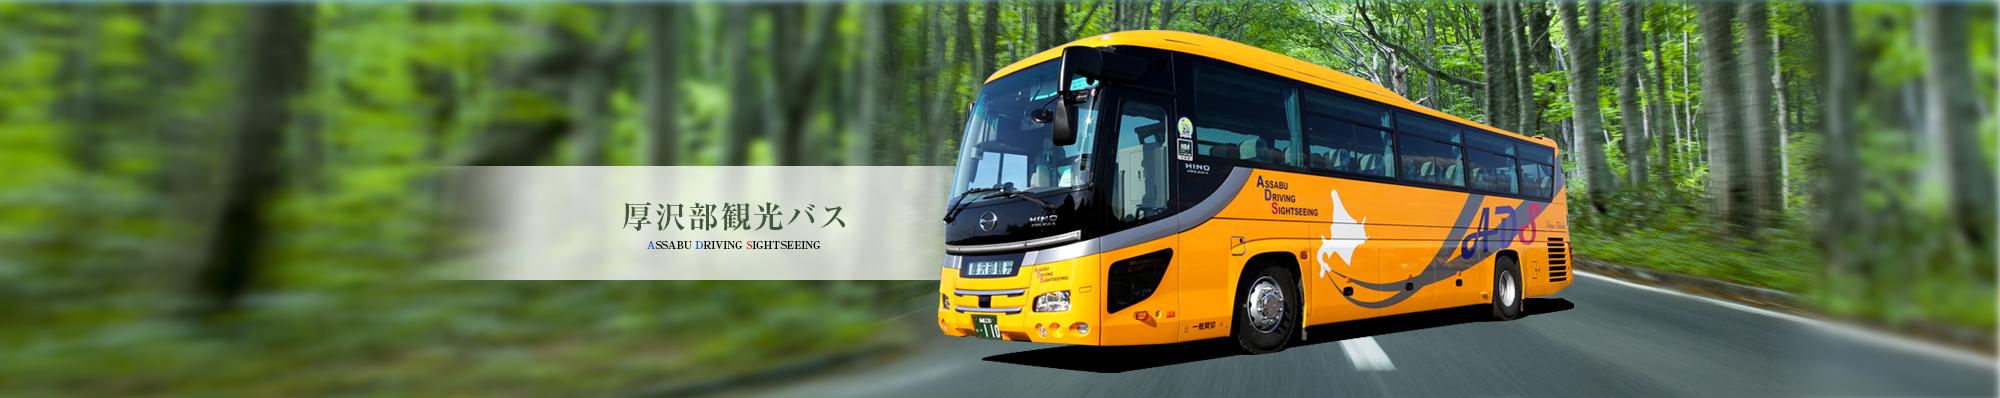 厚沢部観光バスでは、函館・道南地区などお客様に安心・安全な旅をご提供するため様々な取り組みを行っております